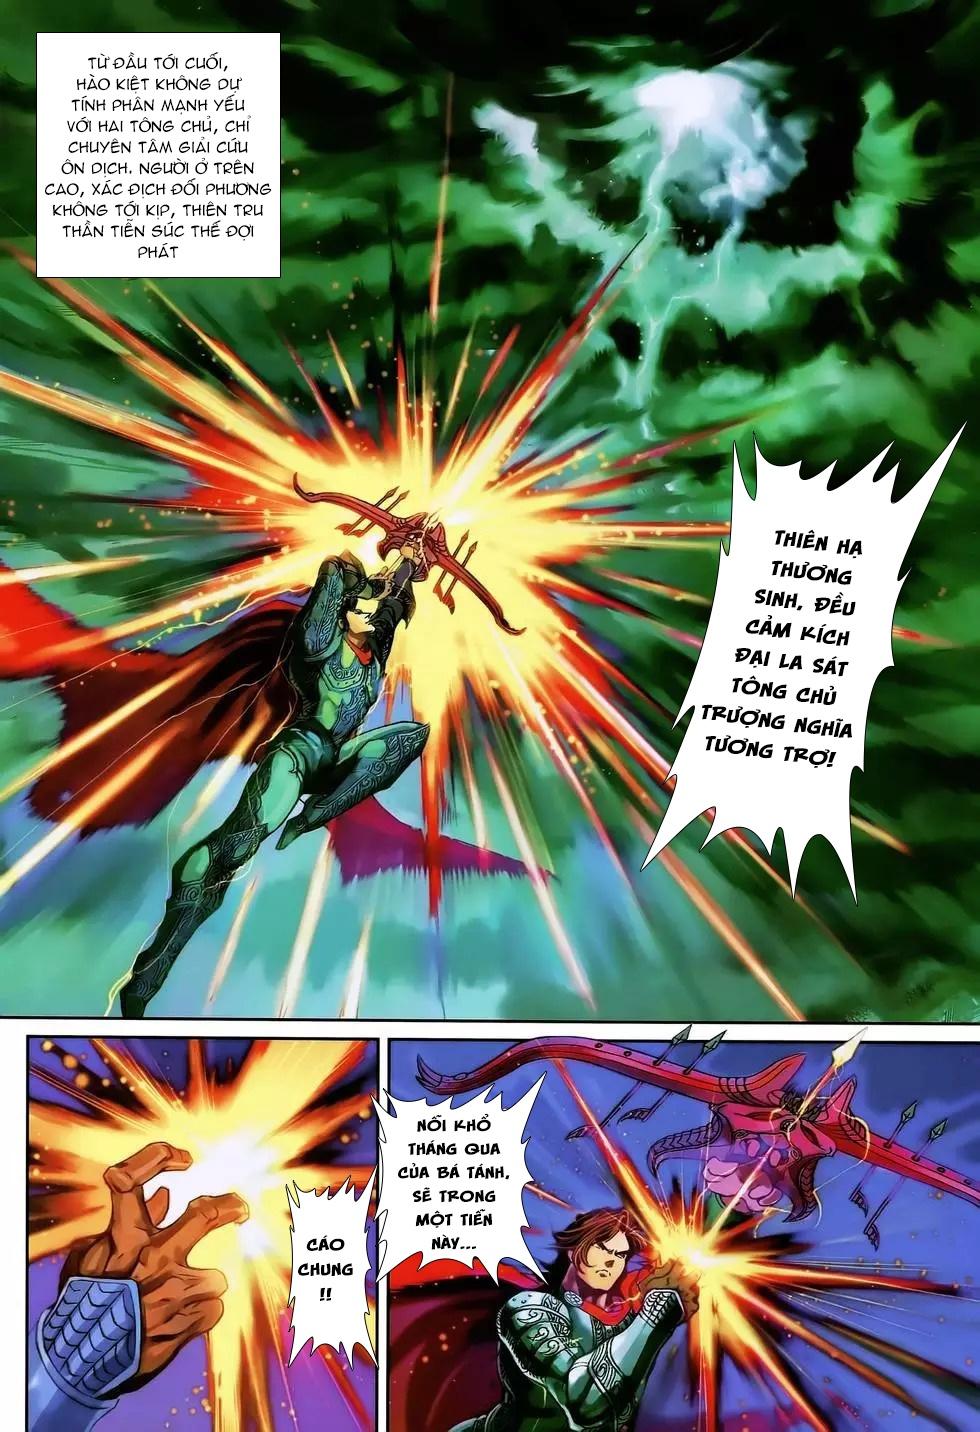 Thần binh huyền kỳ 3 - 3.5 tập 185 - 2